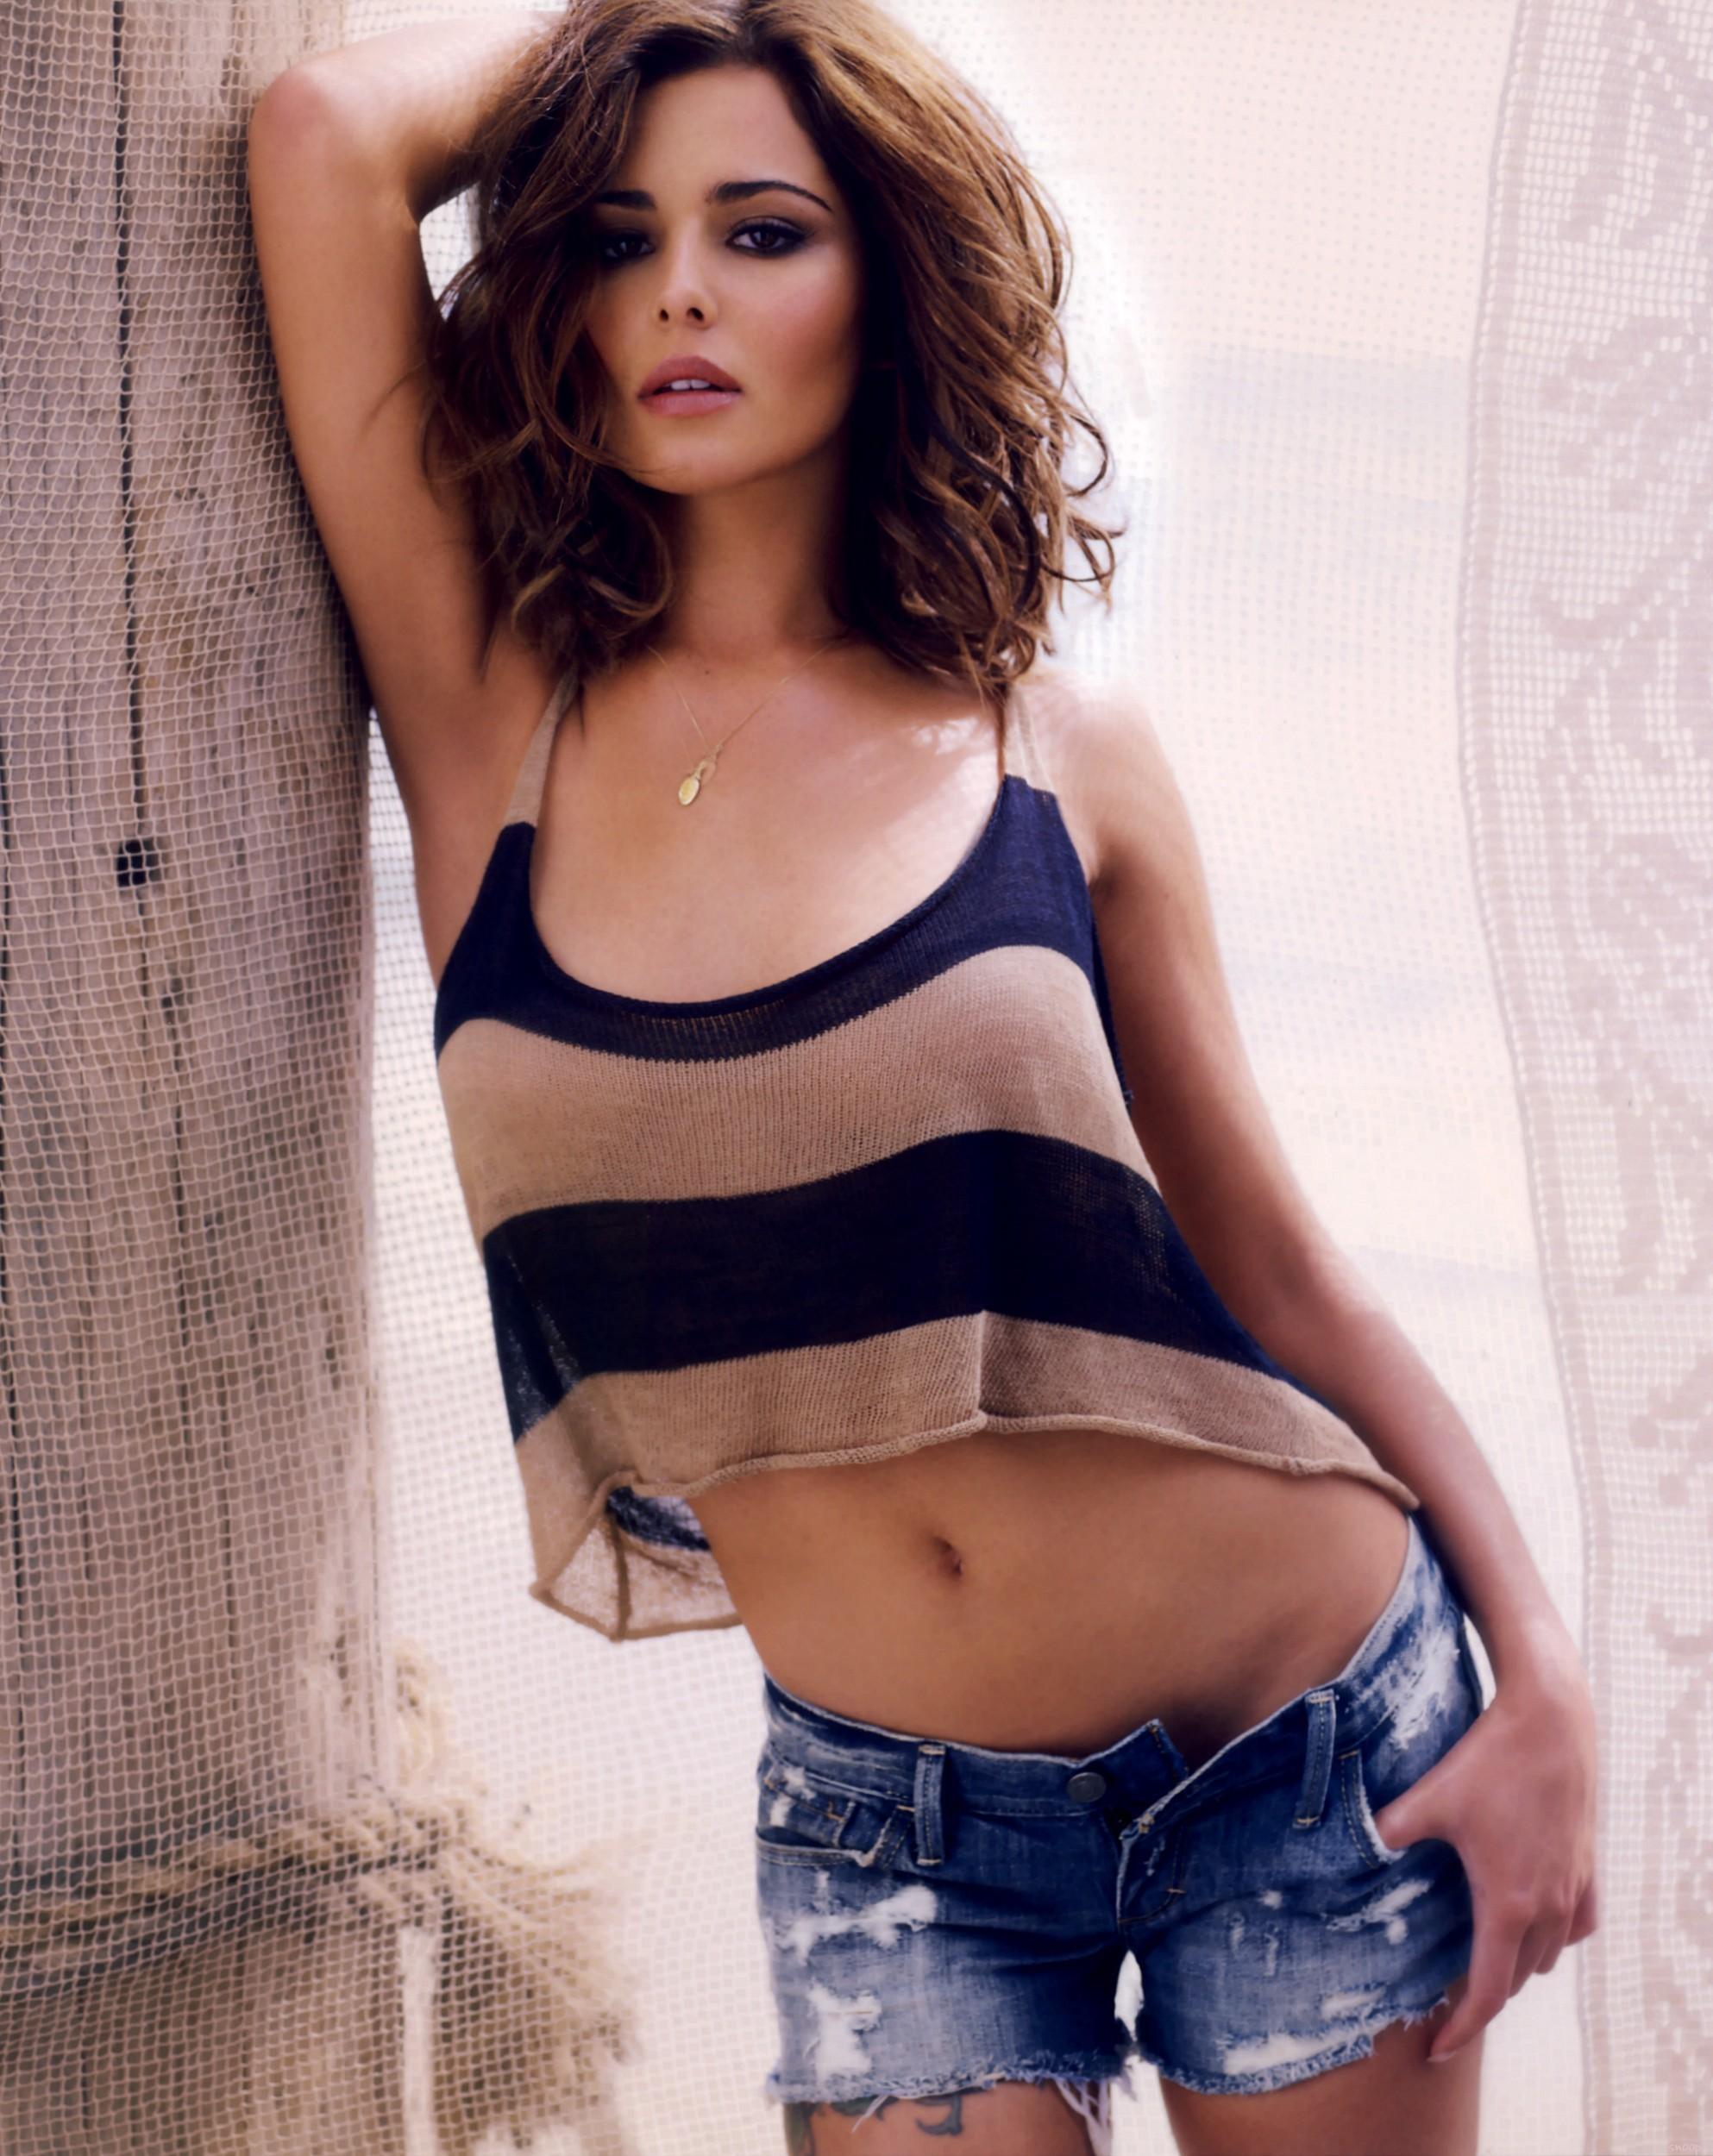 Cheryl Cole nackt, Oben ohne Bilder, Playboy Fotos, Sex